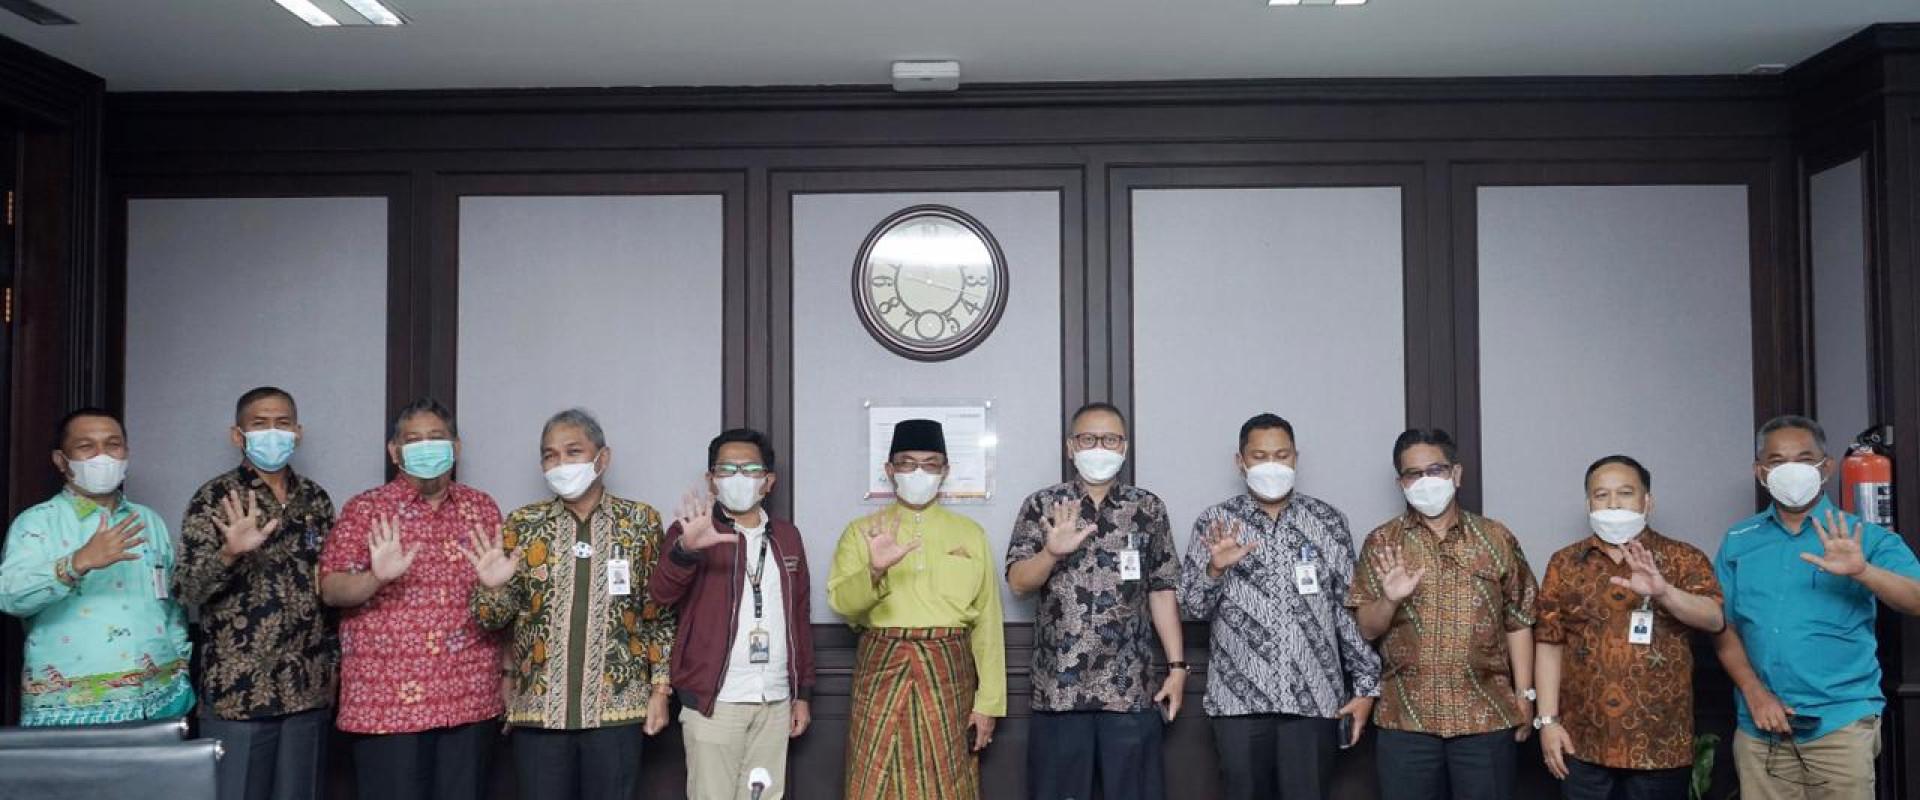 Pemkab Inhil Lakukan kunjungan ke PT. Bank Riau Kepri Pekanbaru.